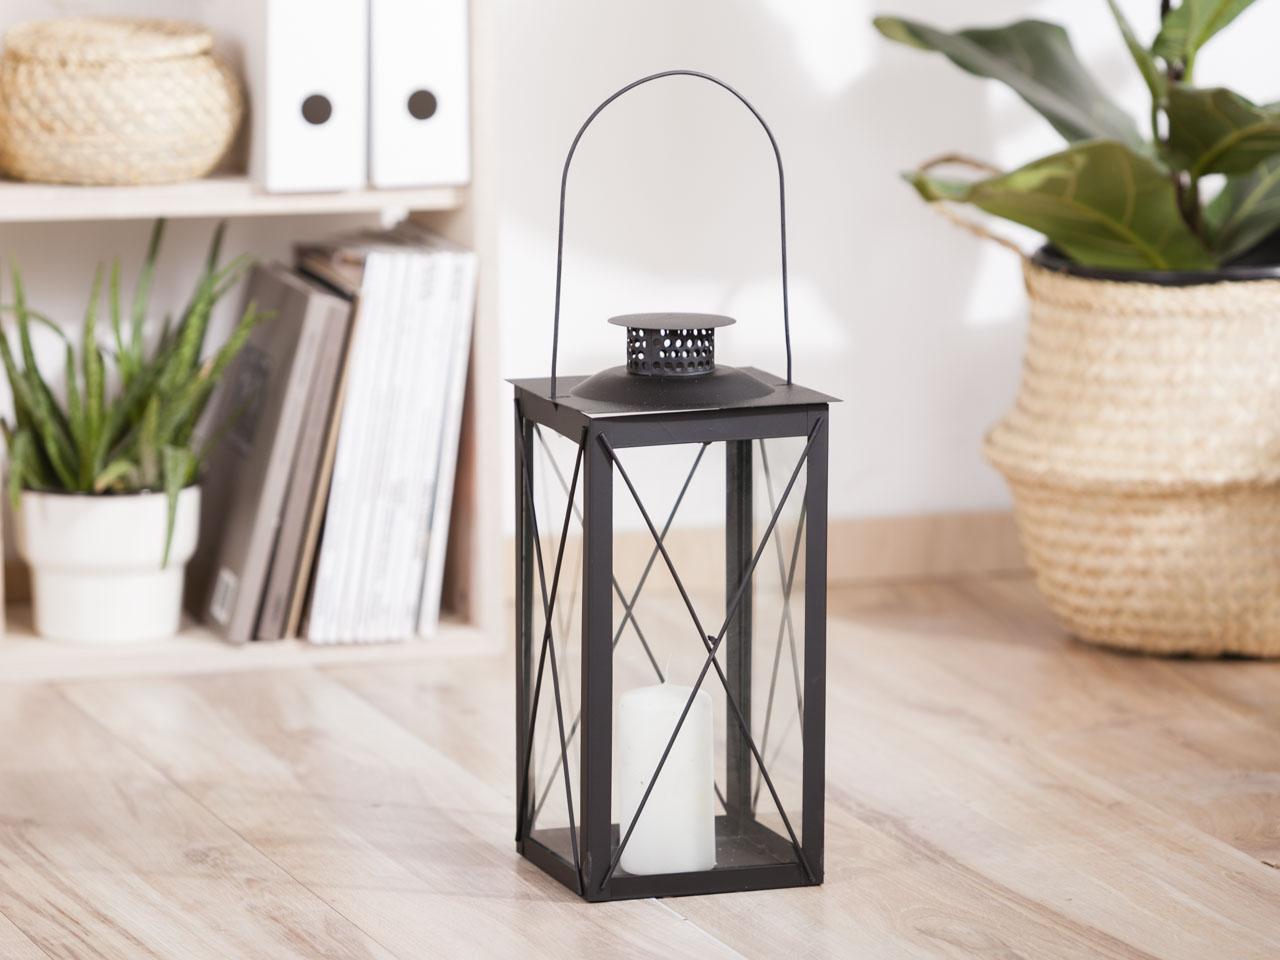 Latarenka / latarnia / lampion ozdobny wiszący Altom Design metalowa kwadratowa czarna 16,8x34,5 cm